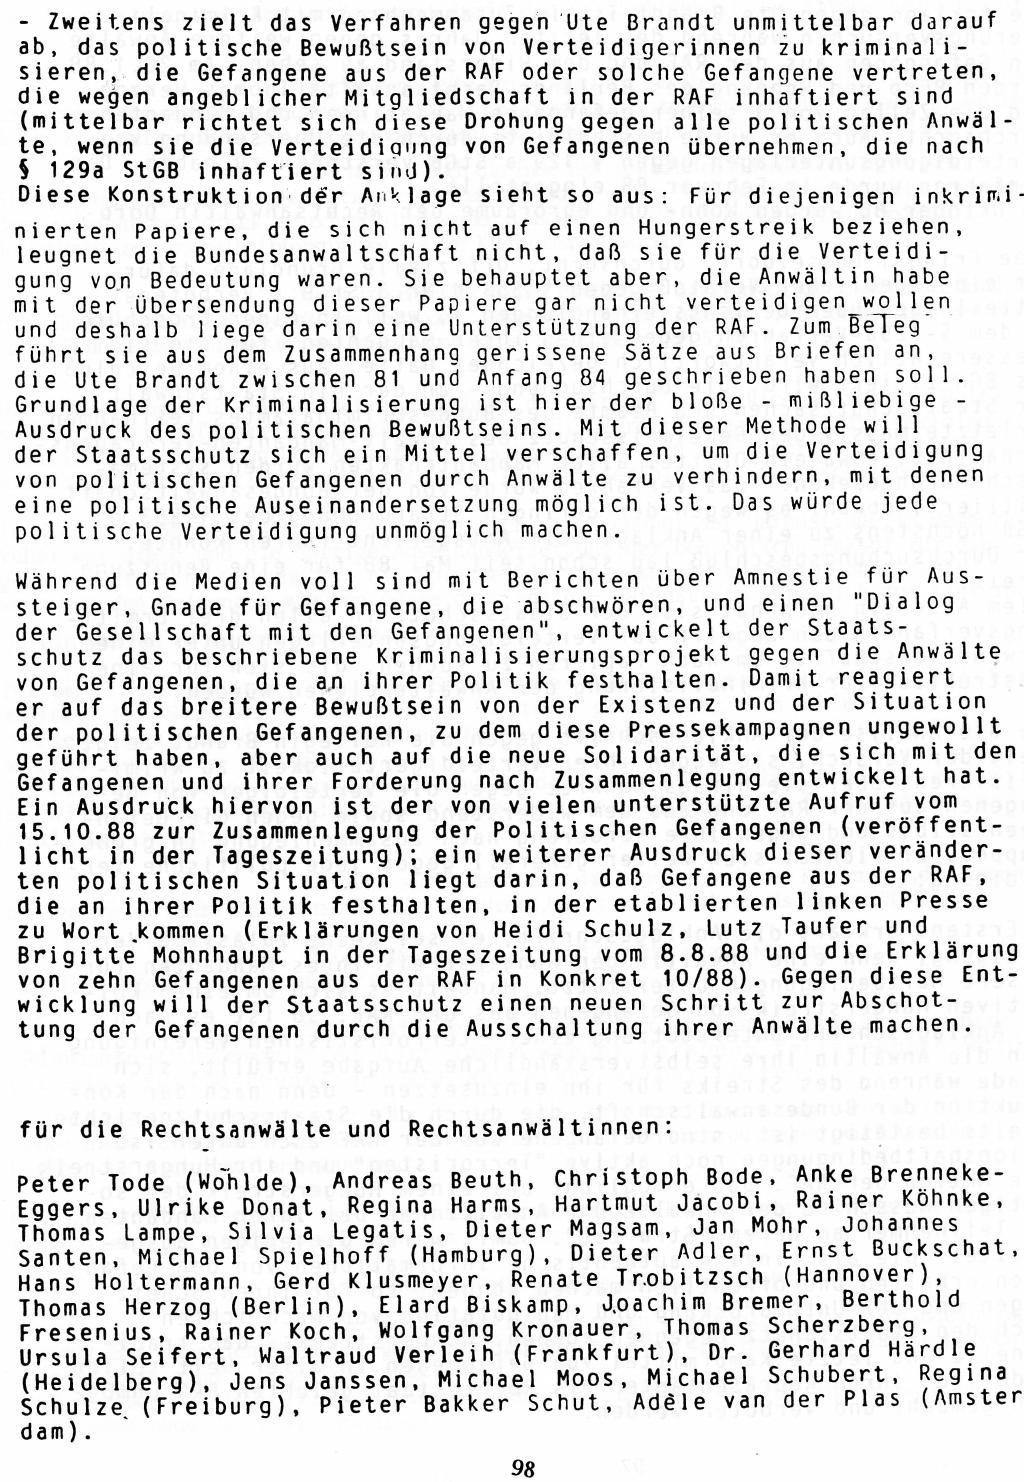 Duesseldorf_1989_Sechs_Politische_Gefangene_098